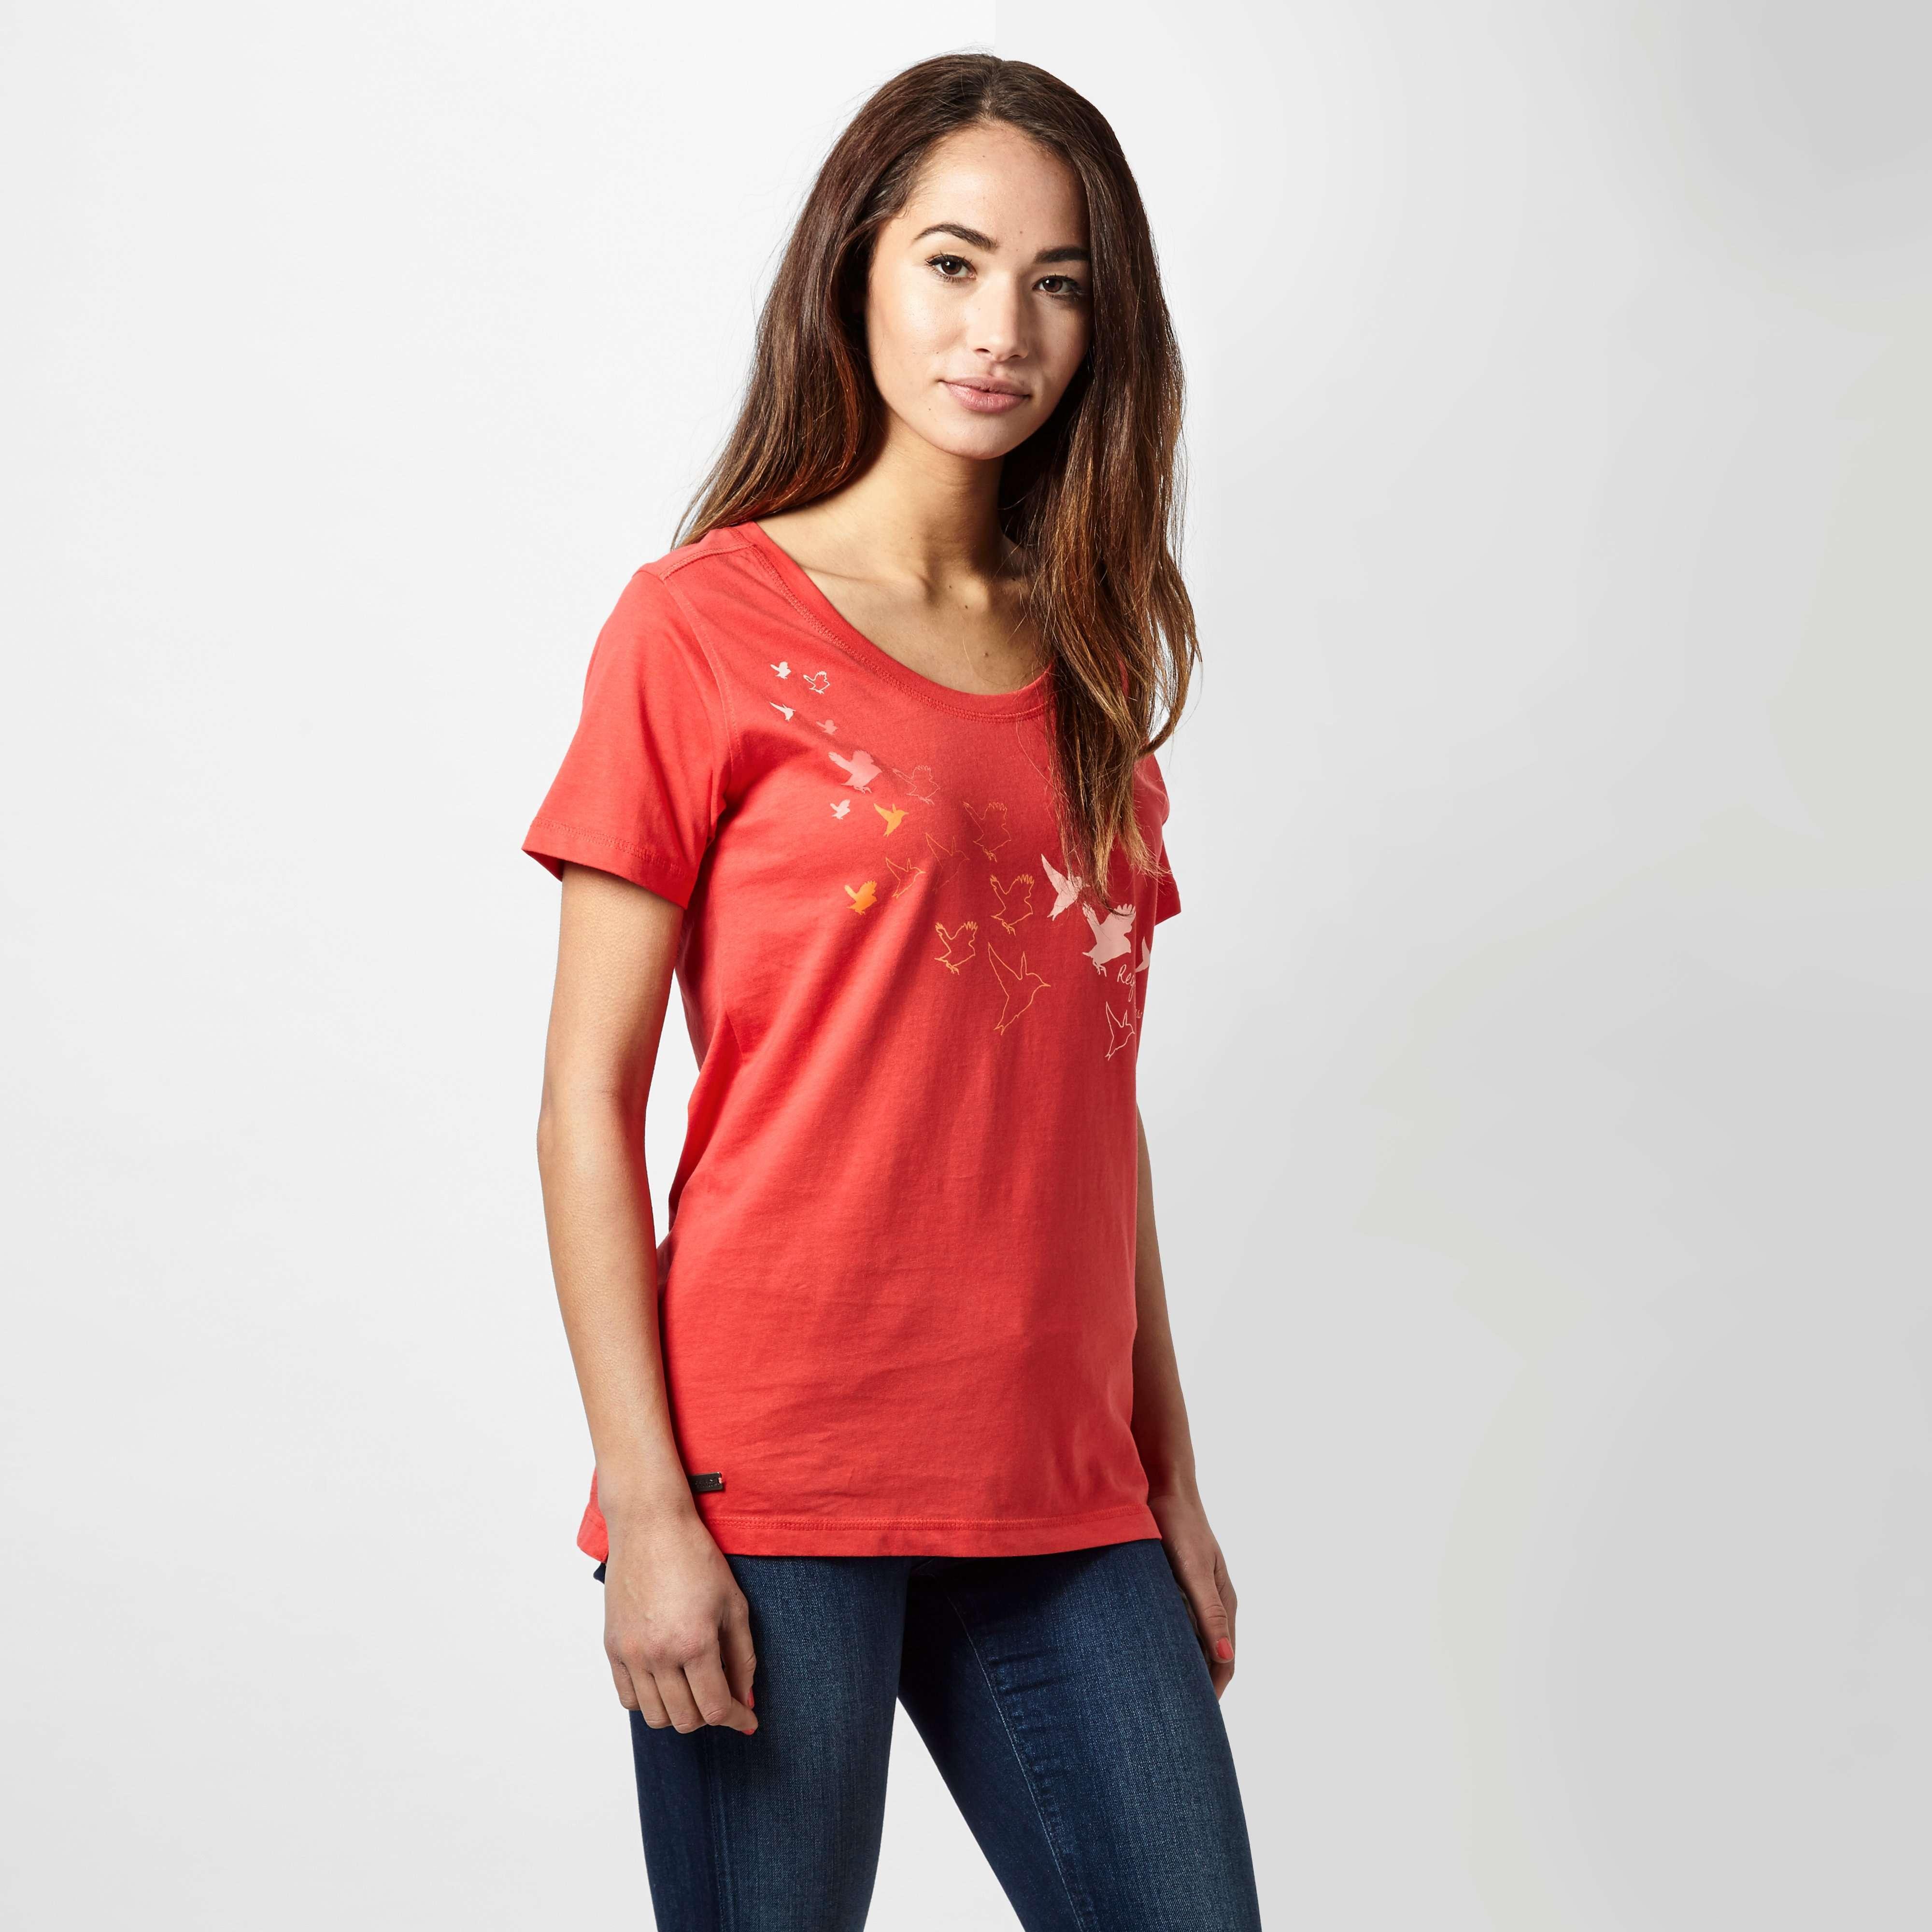 REGATTA Women's Felicia T-Shirt